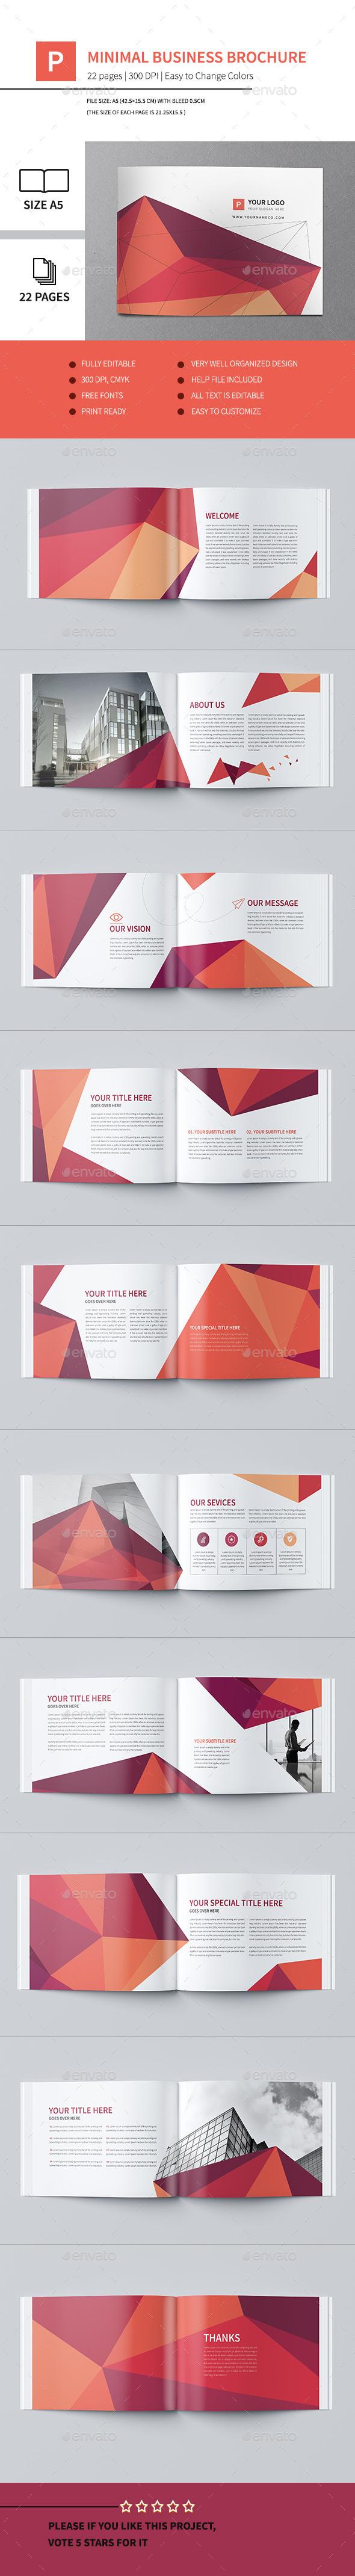 Minimal Business Brochure III - Corporate Brochures